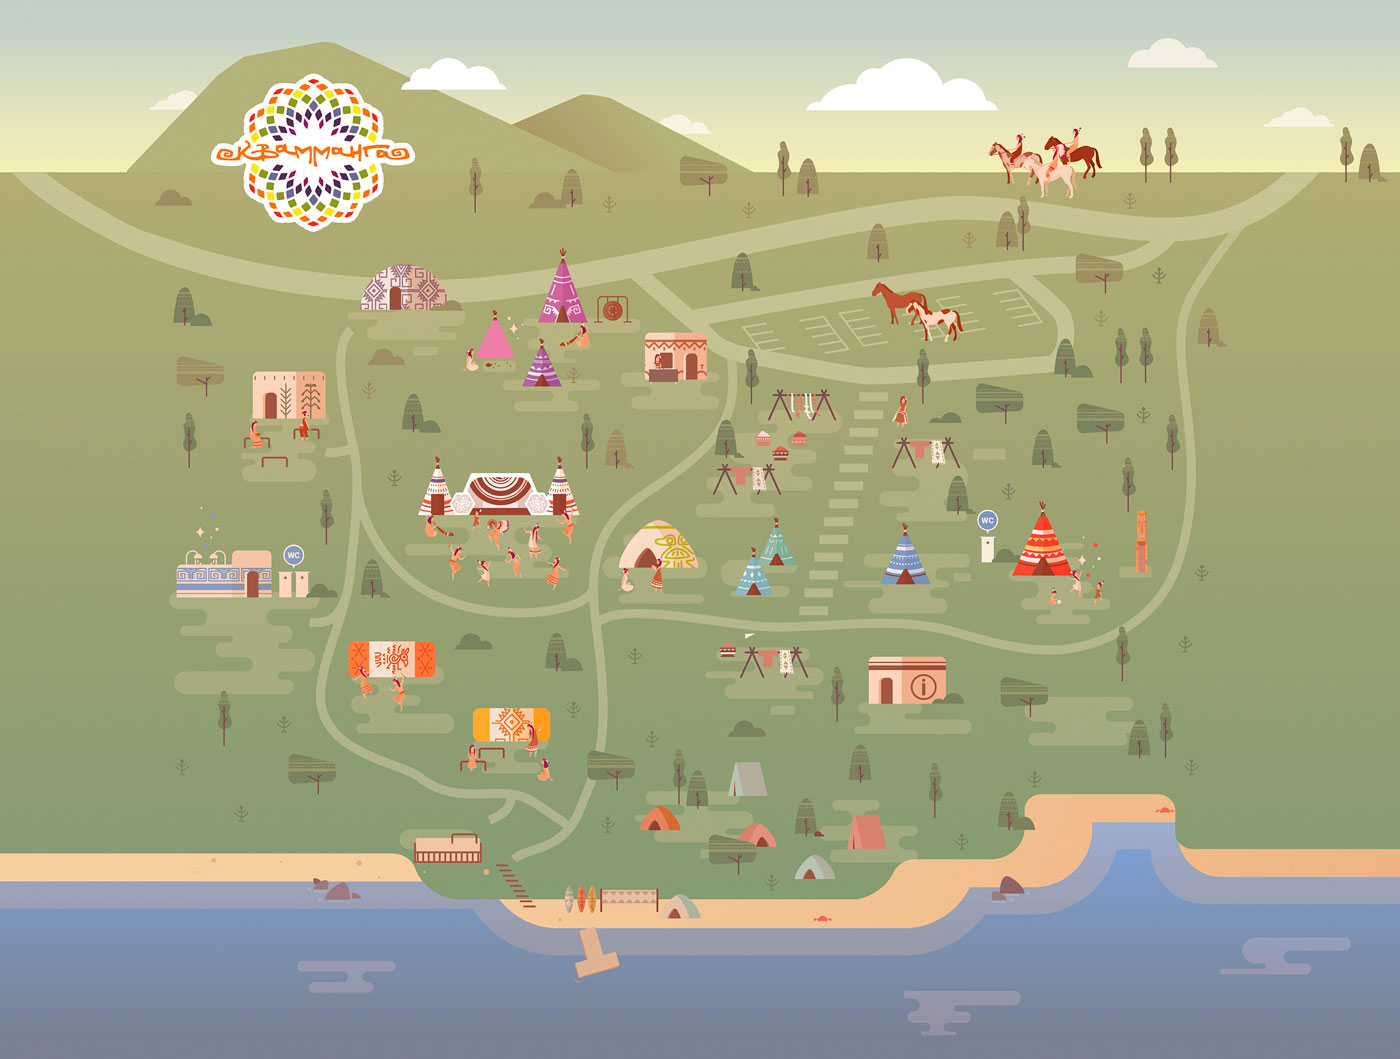 bg8-1 Международный семейный фестиваль развития и творчества - Квамманга